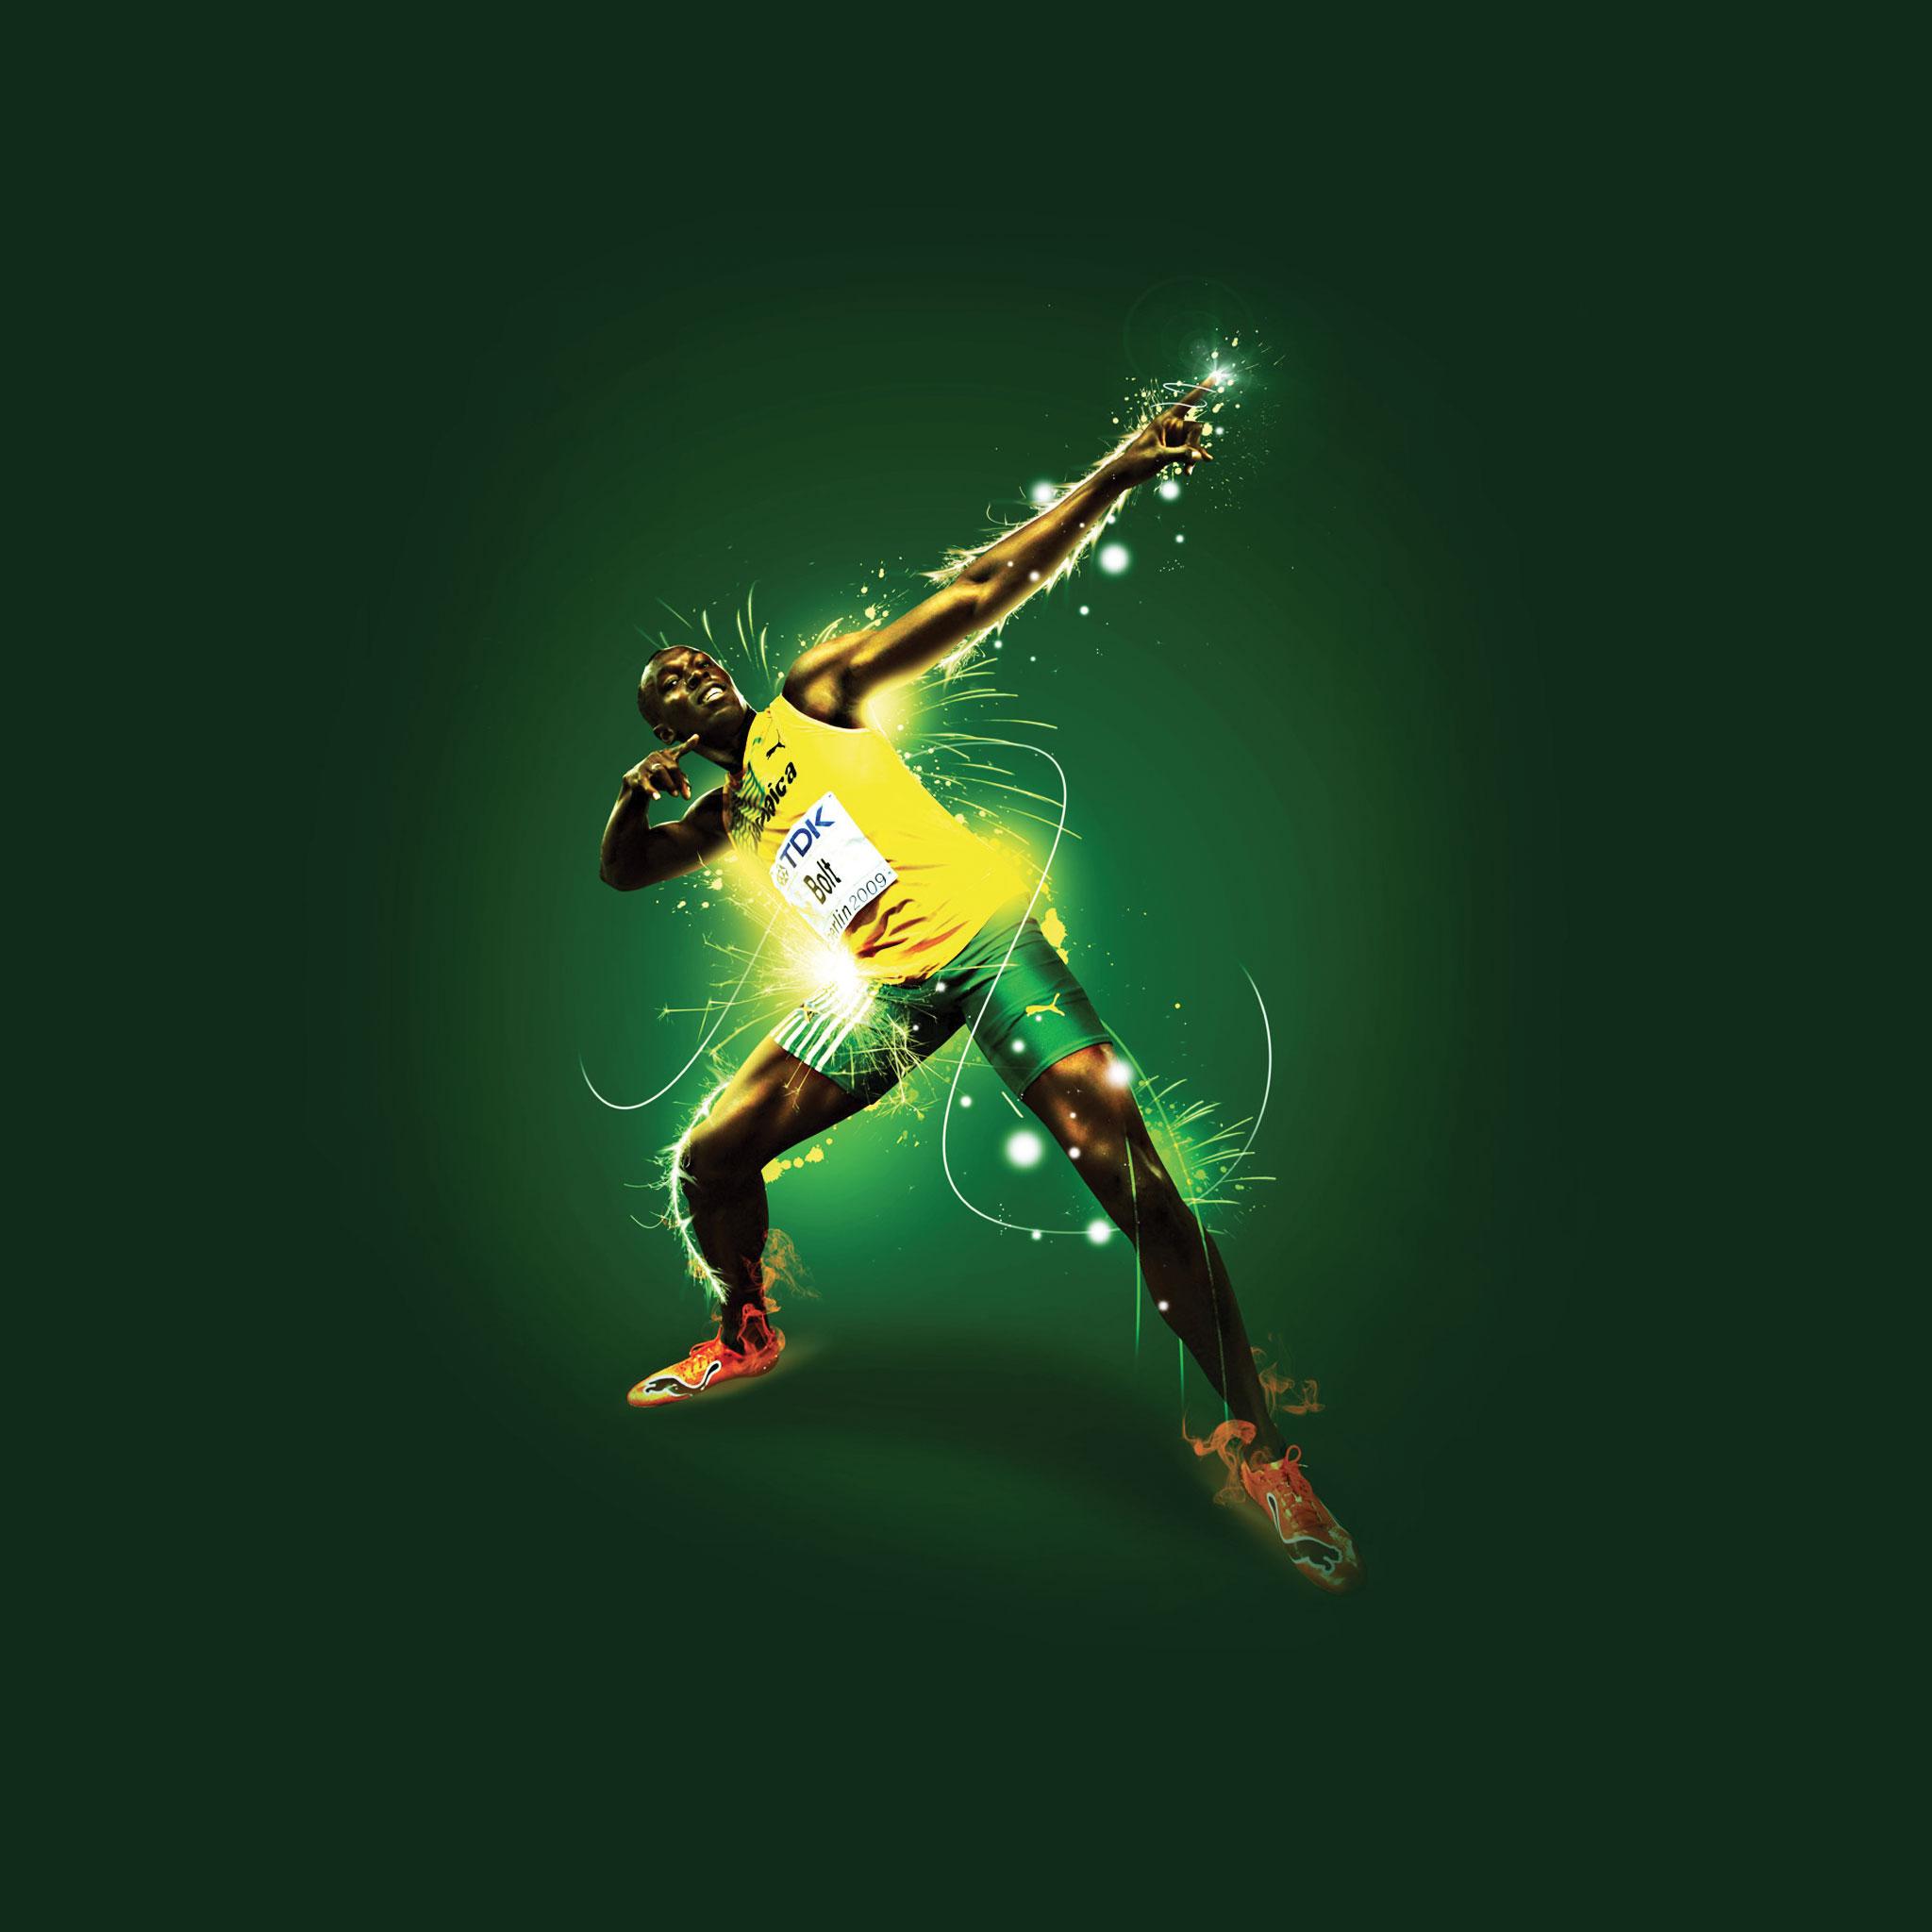 Usain Bolt 3Wallpapers iPad Retina Usain Bolt   iPad Retina